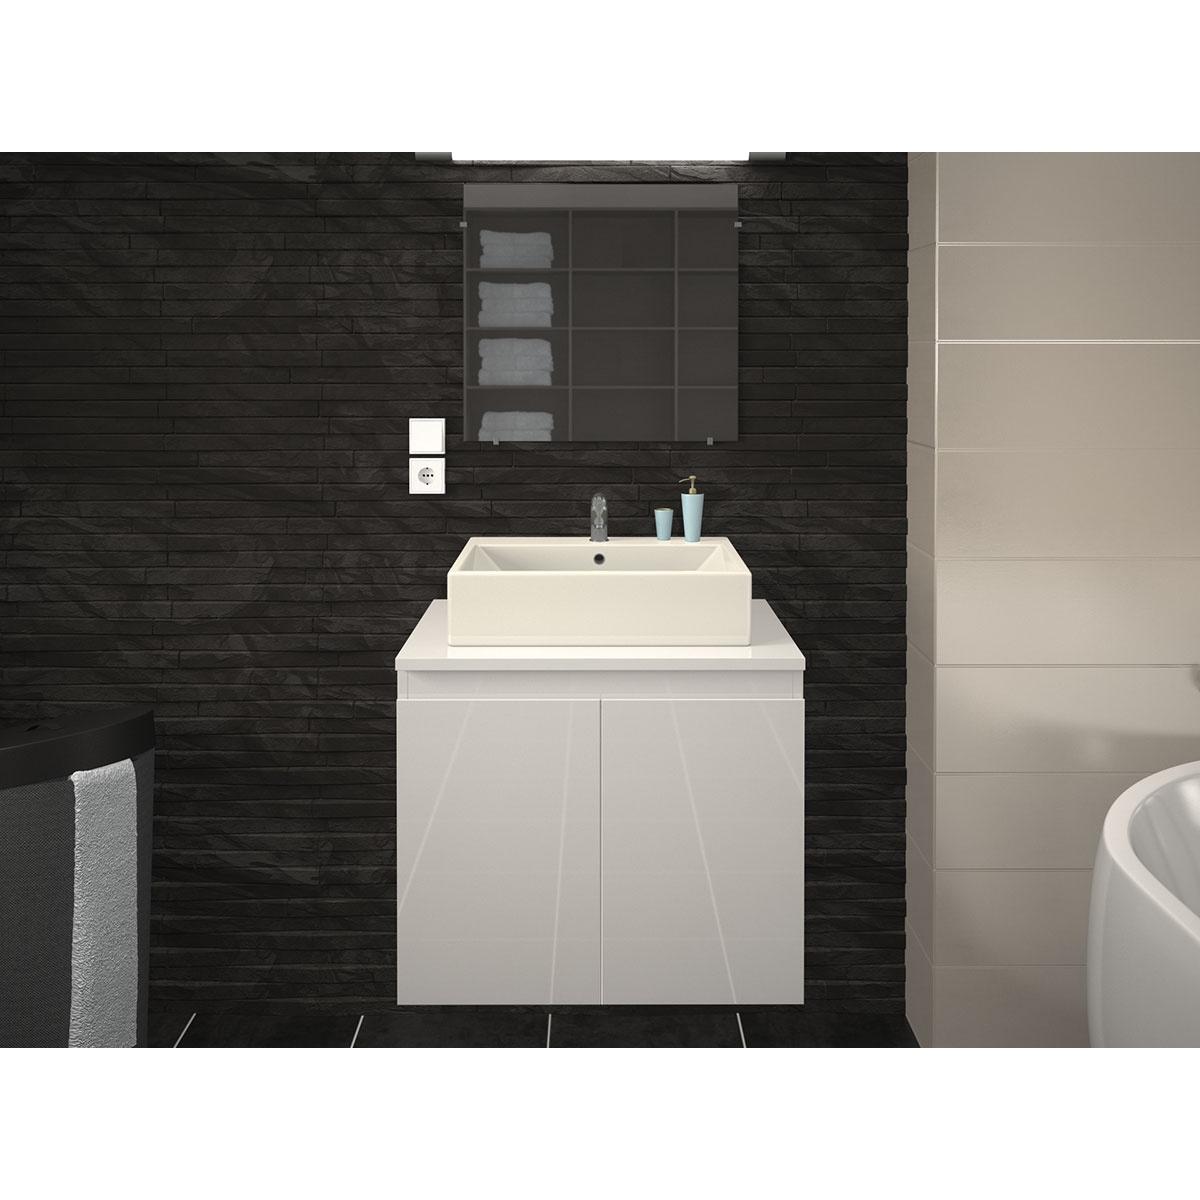 Meuble de salle de bain en 60 cm avec vasque (Blanc)